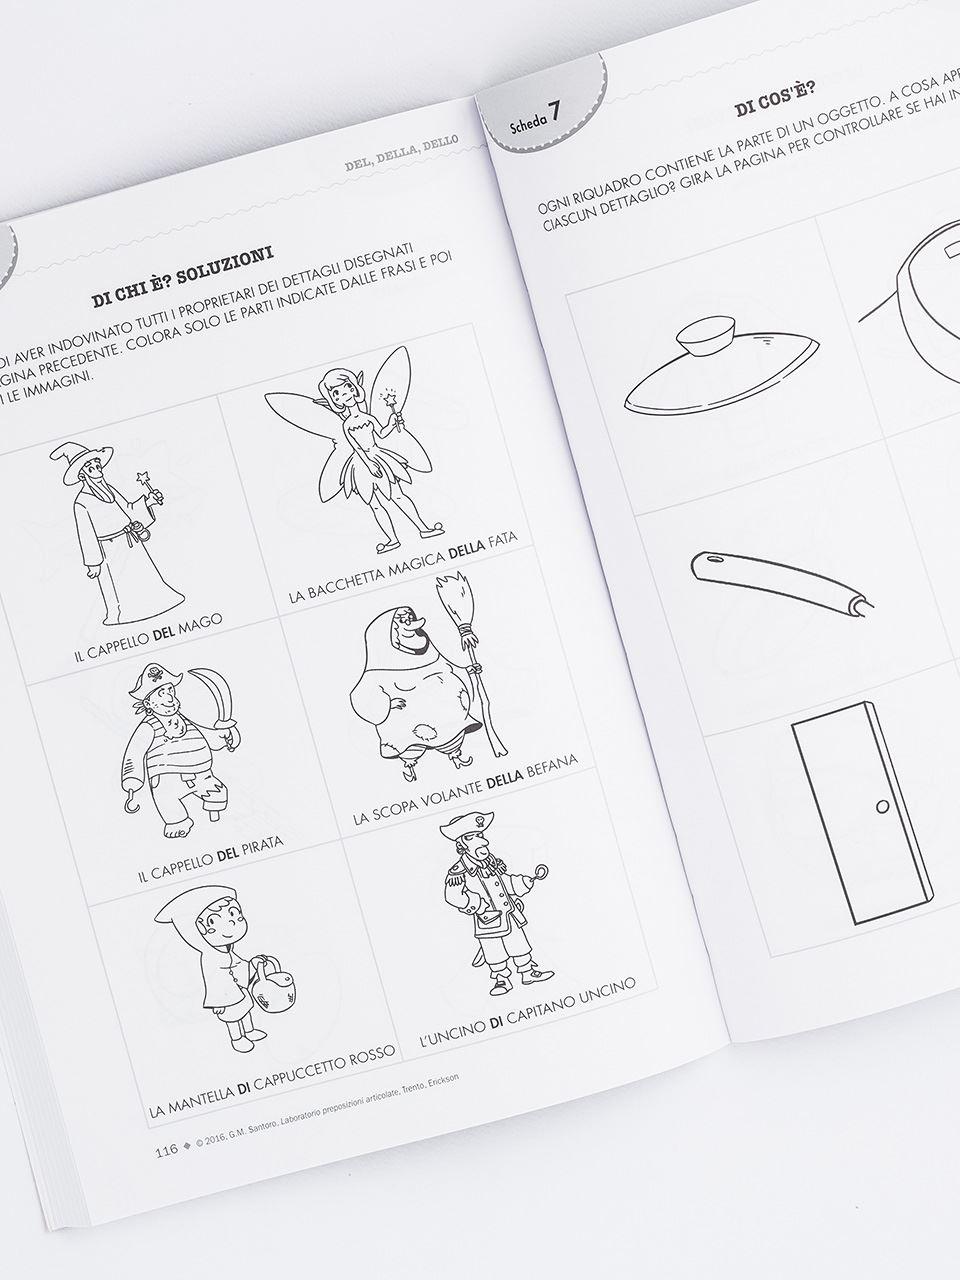 Laboratorio preposizioni articolate - Libri - Erickson 2